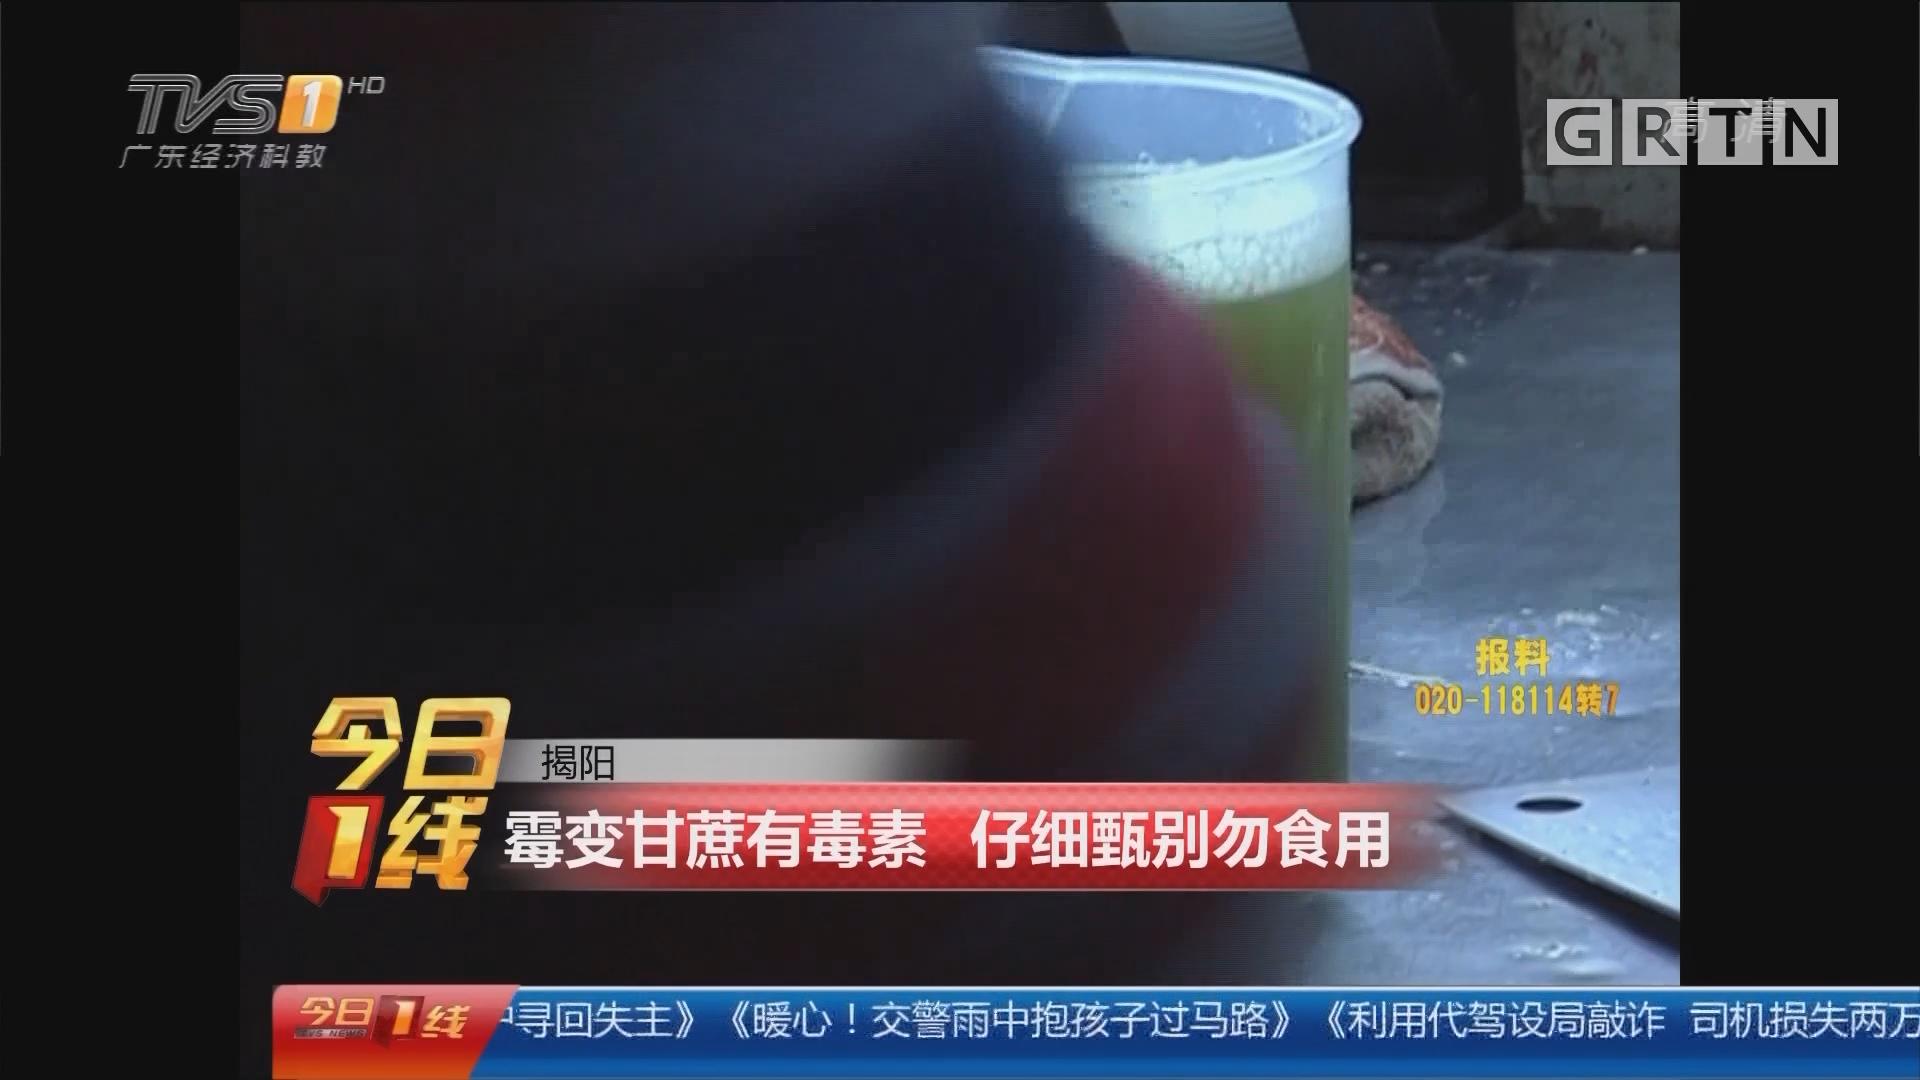 揭阳:霉变甘蔗有毒素 仔细甄别勿食用